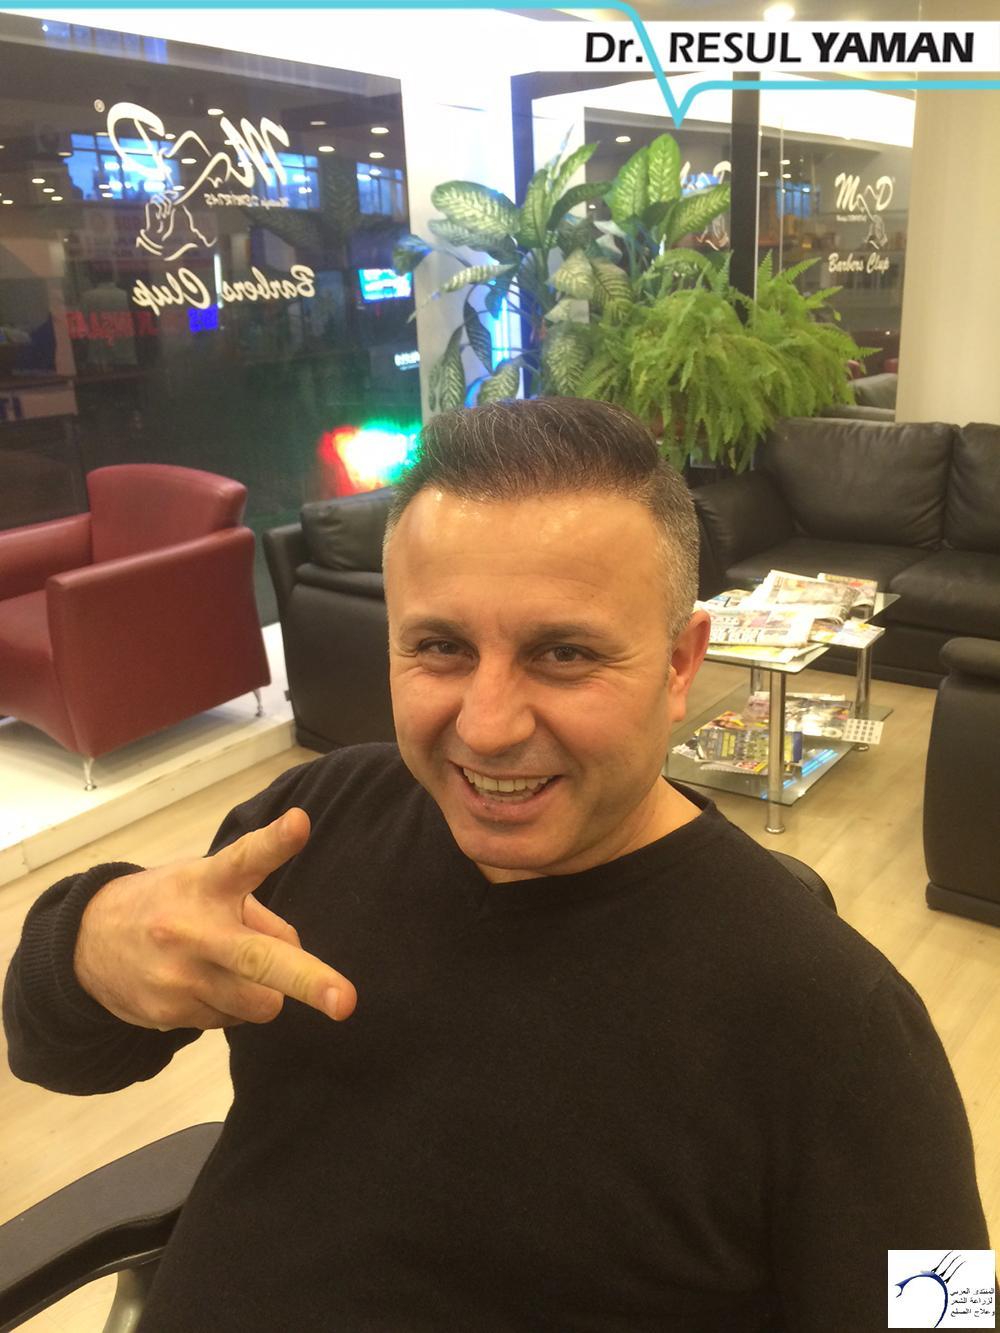 نتيجة السيد Emin Demir زراعة www.hairarab.com489a